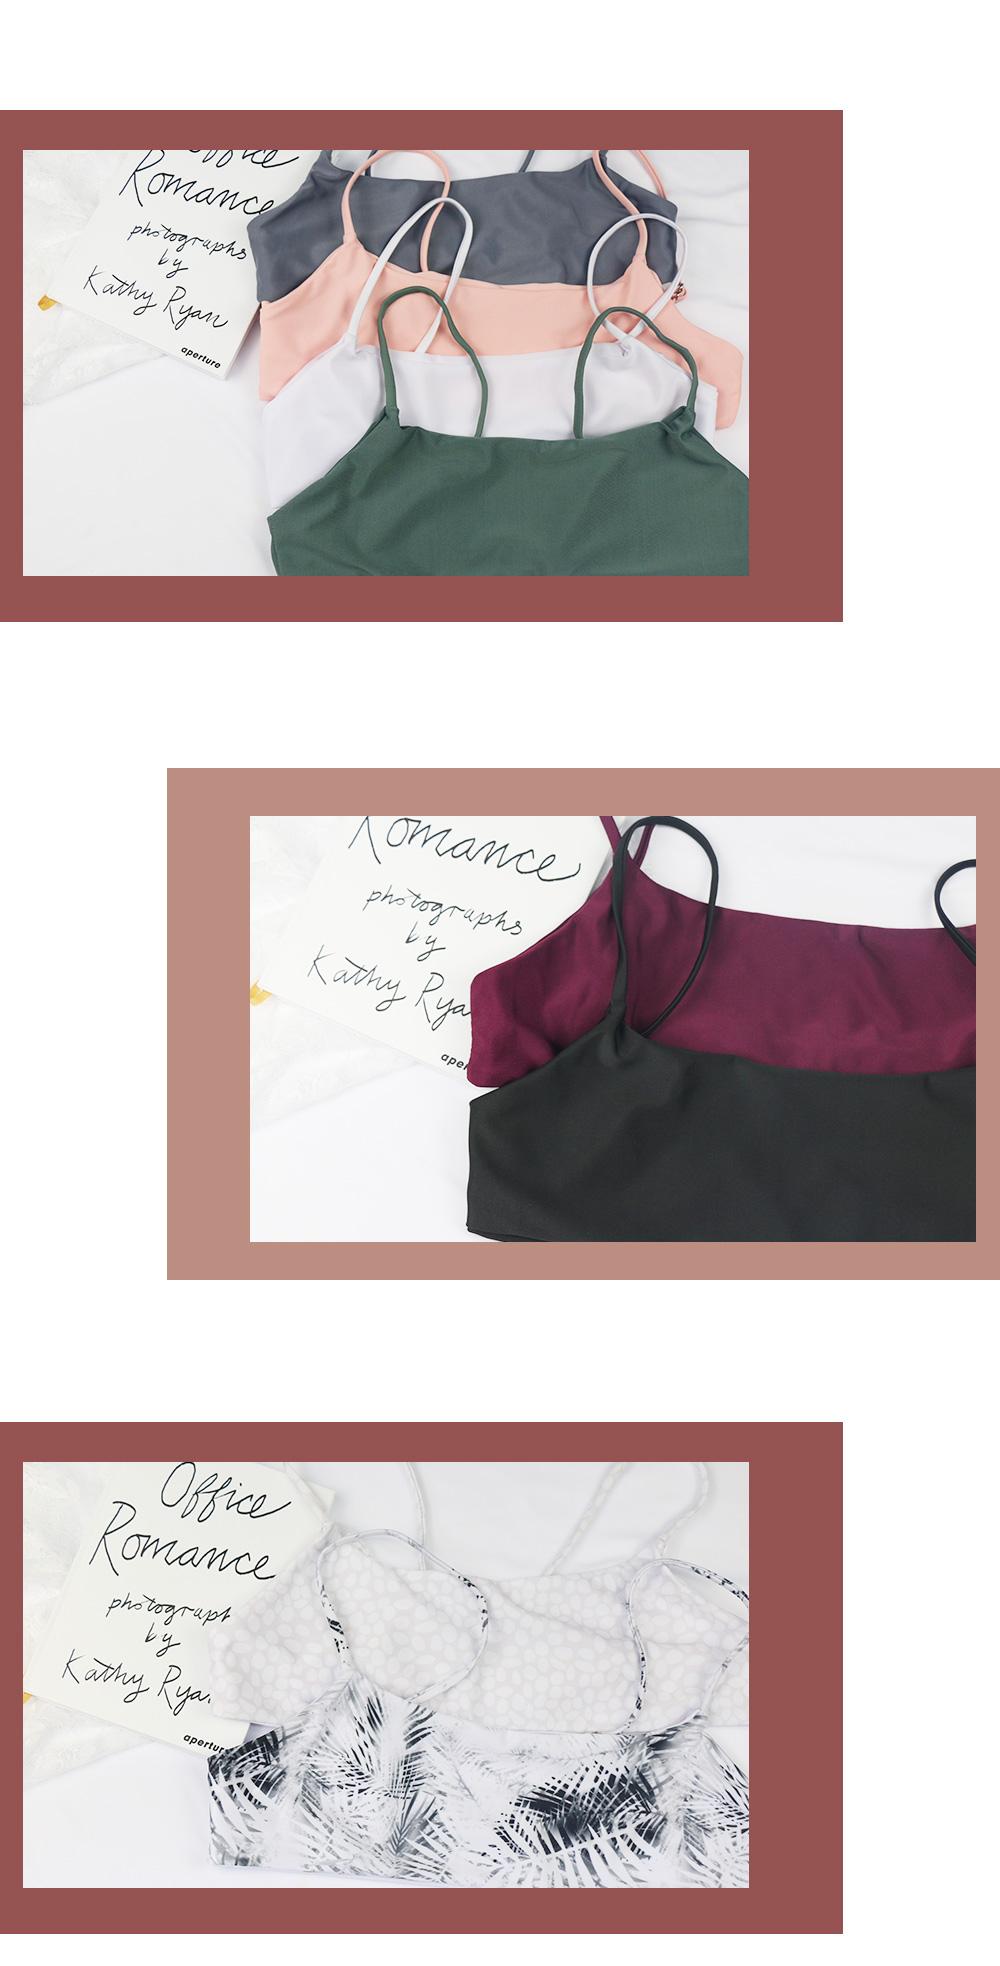 UG 2019, сексуальный комплект бикини с открытой спиной, микро стринги, купальник, женские купальники, купальный костюм, бикини, traje de bano, танкини 23